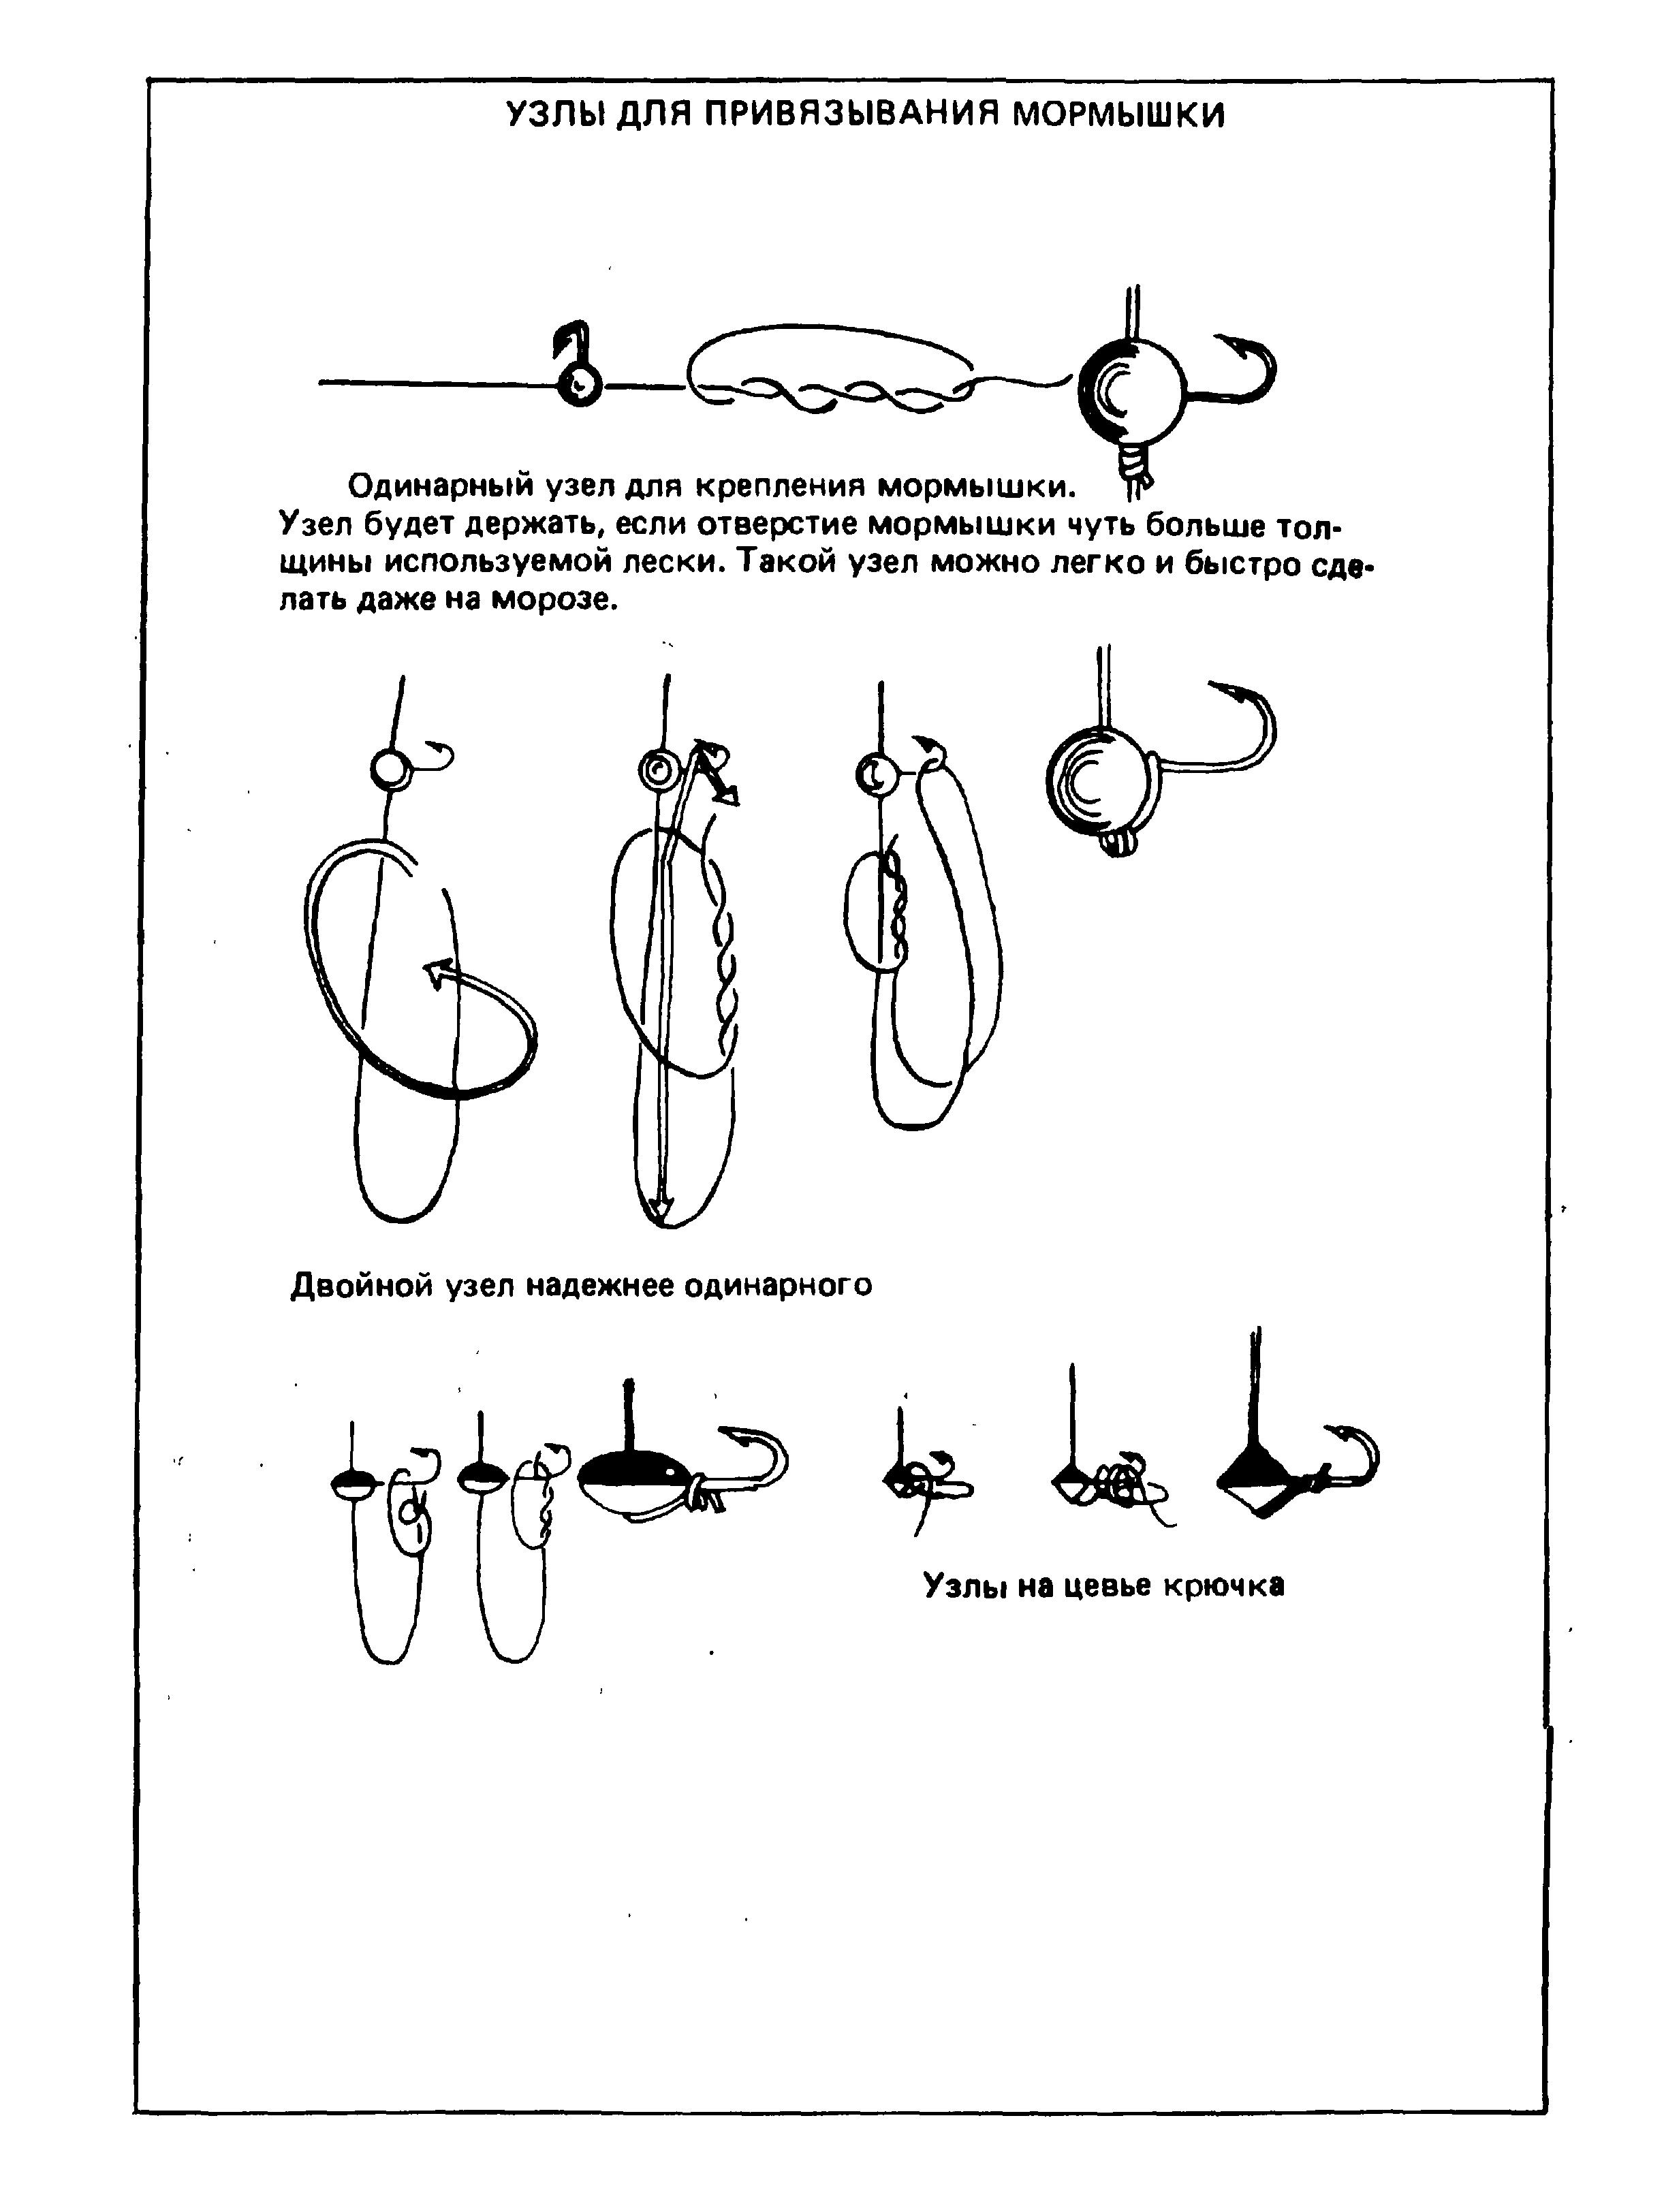 Как привязать мормышку к леске – надежные узлы [2019]